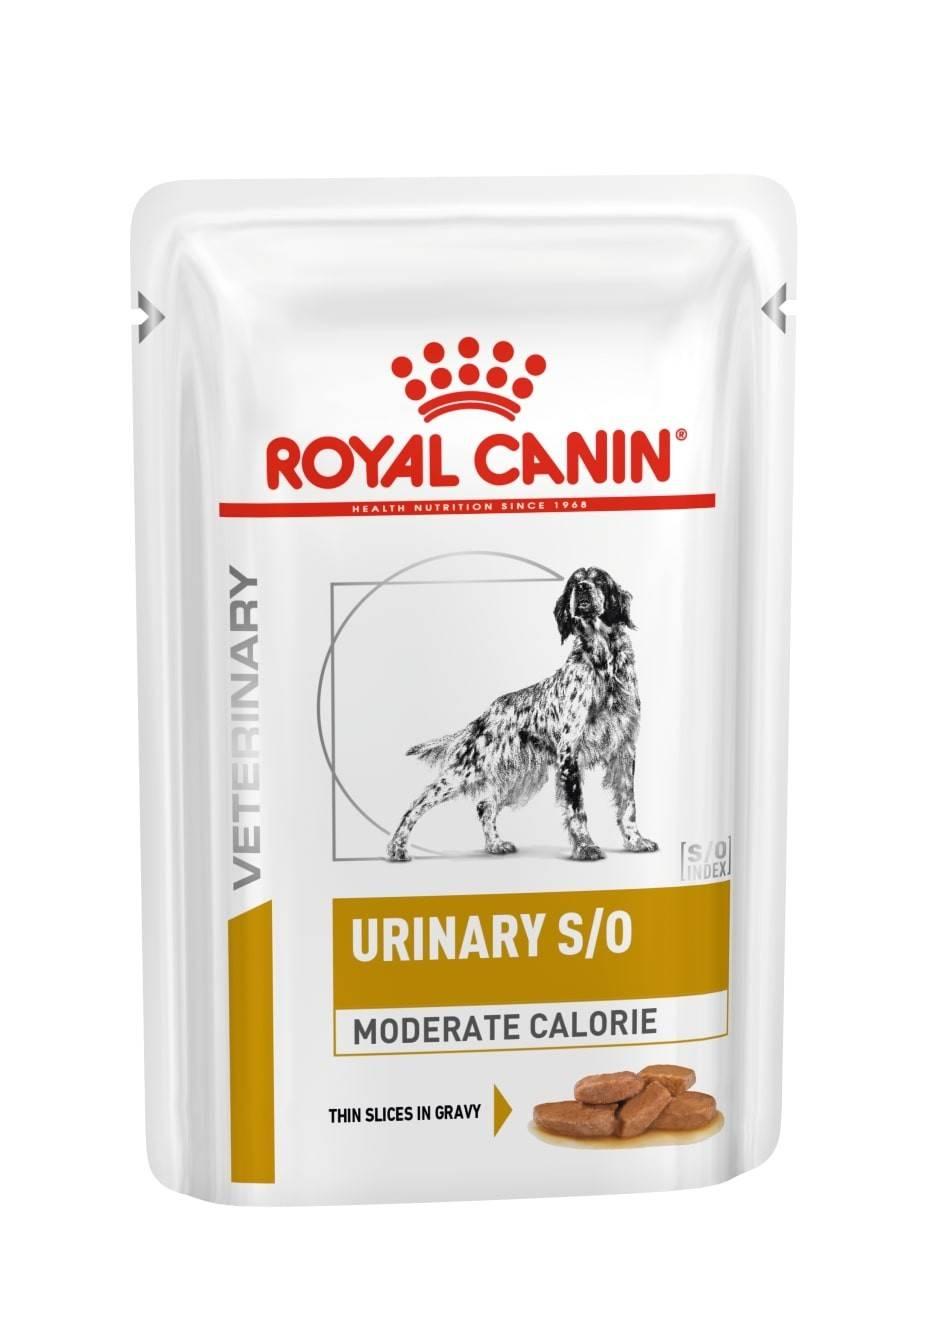 ROYAL CANIN URINARY S/O MODERATE CALORIE – лечебный влажный корм, кусочки в подливе, для собак при заболеваниях нижних мочевыводящих путей